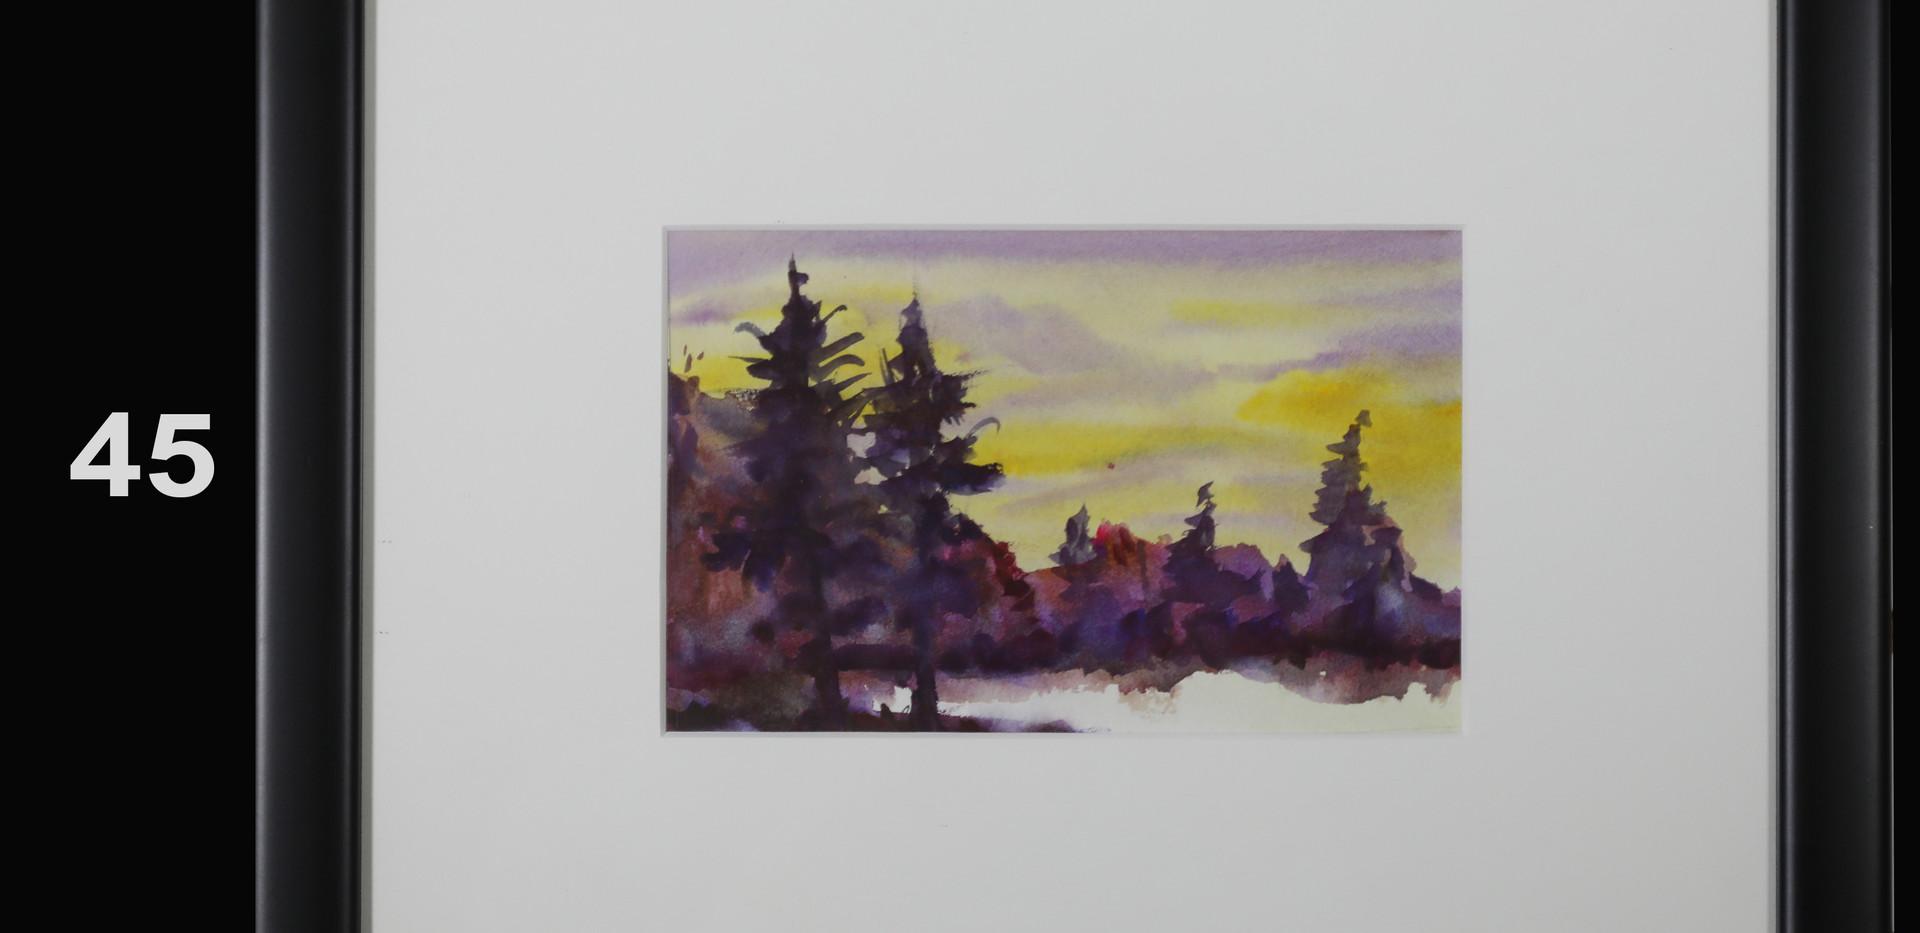 45. Violet Landscape